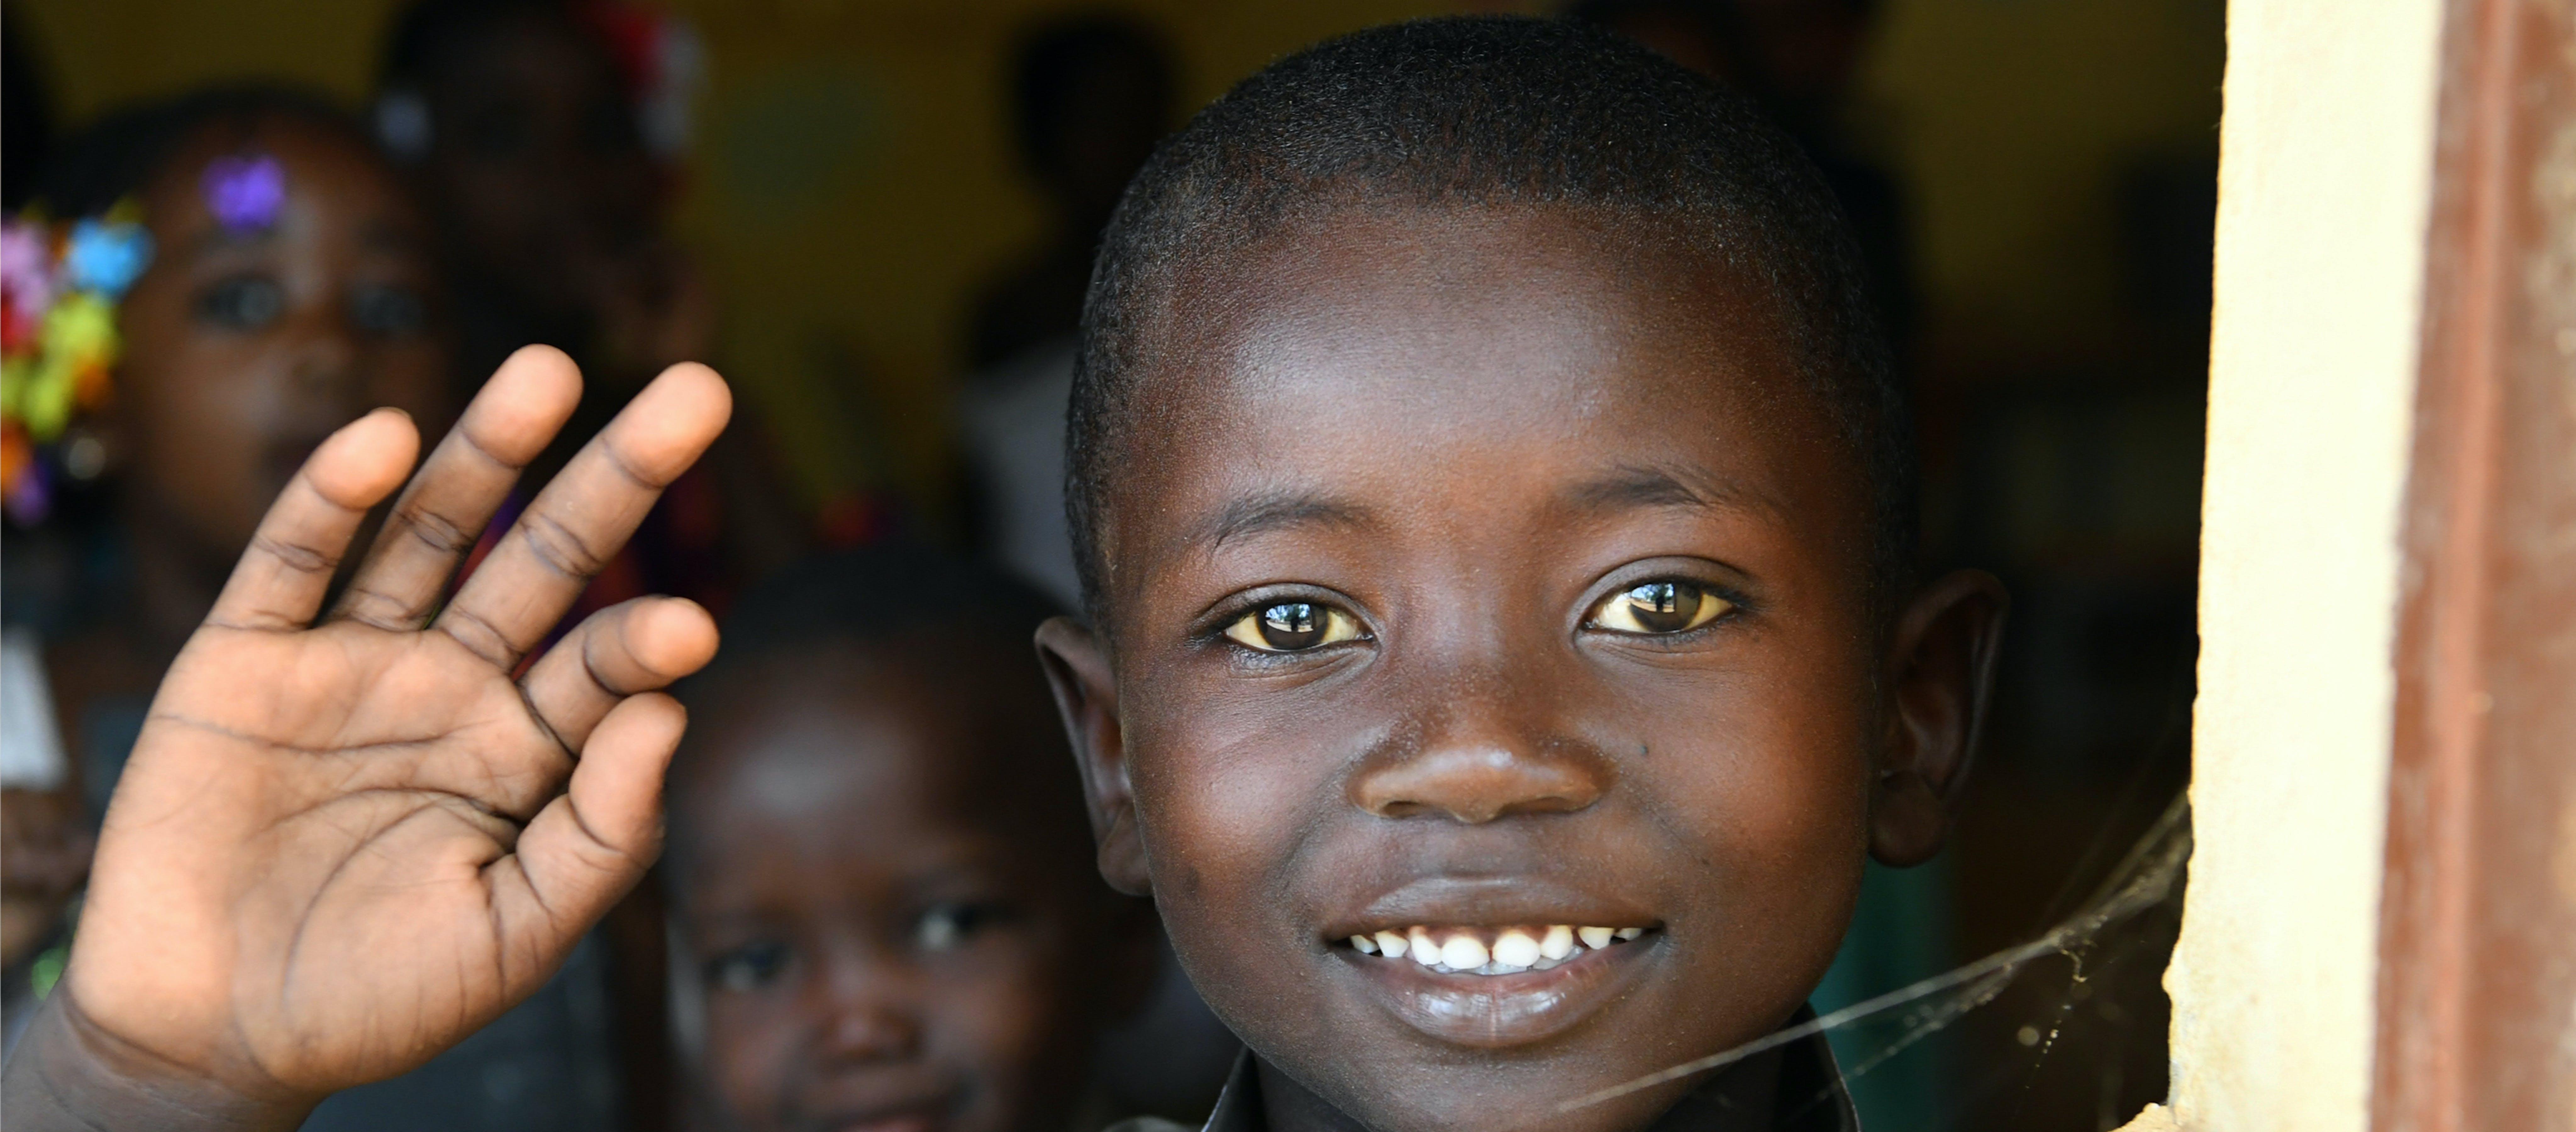 Gli obiettivi di sviluppo sostenibile ci aiutano a creare un mondo migliore